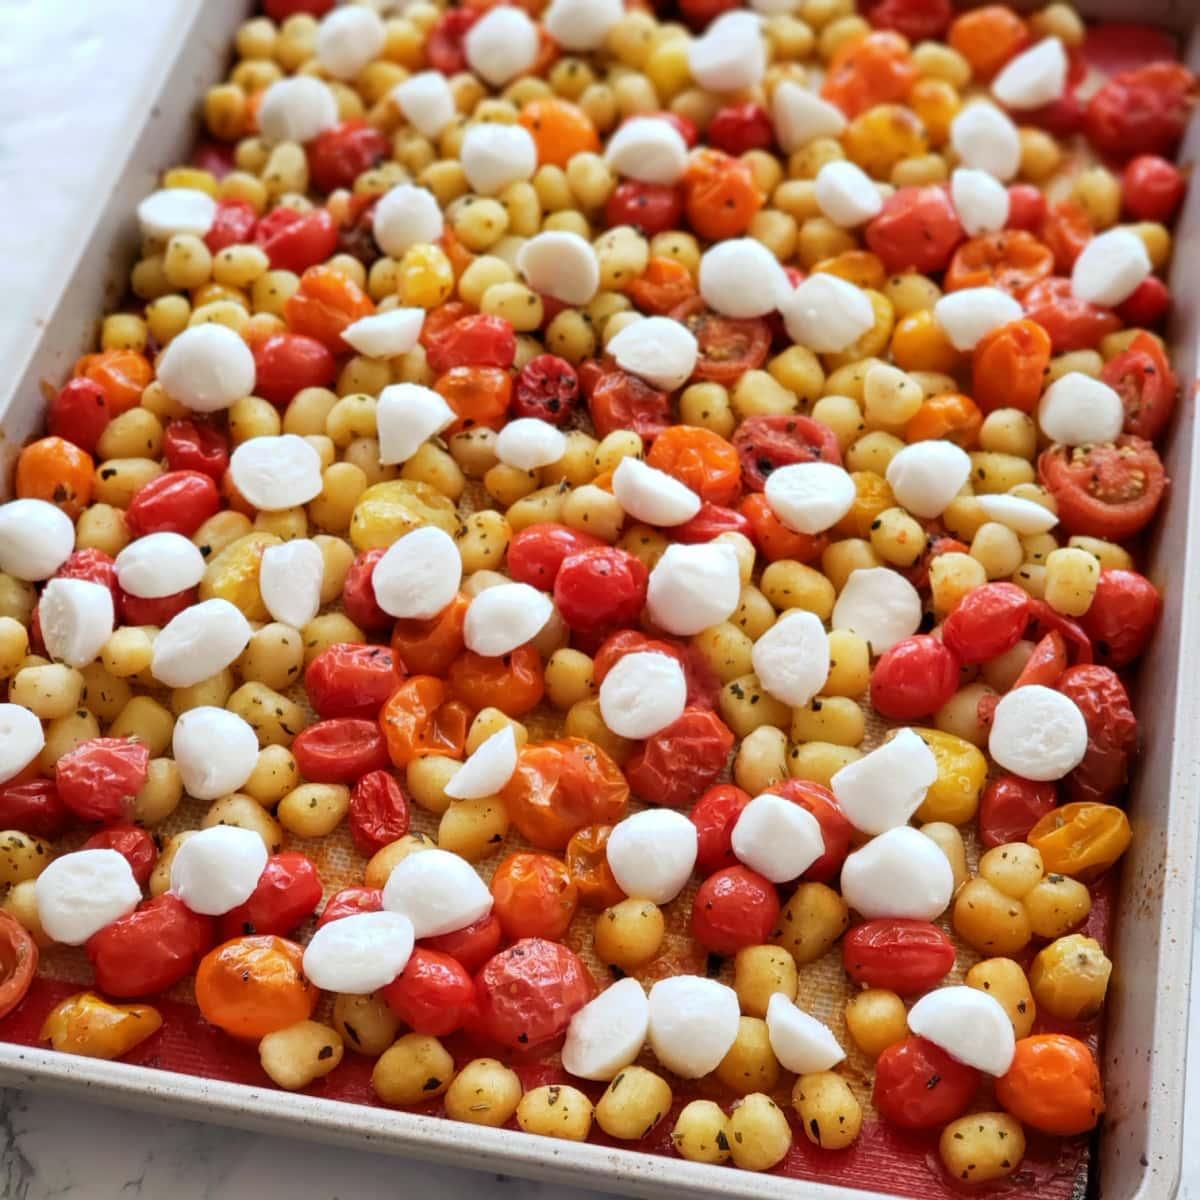 Add the mozzarella balls to the hot tomatoes and gnocchi